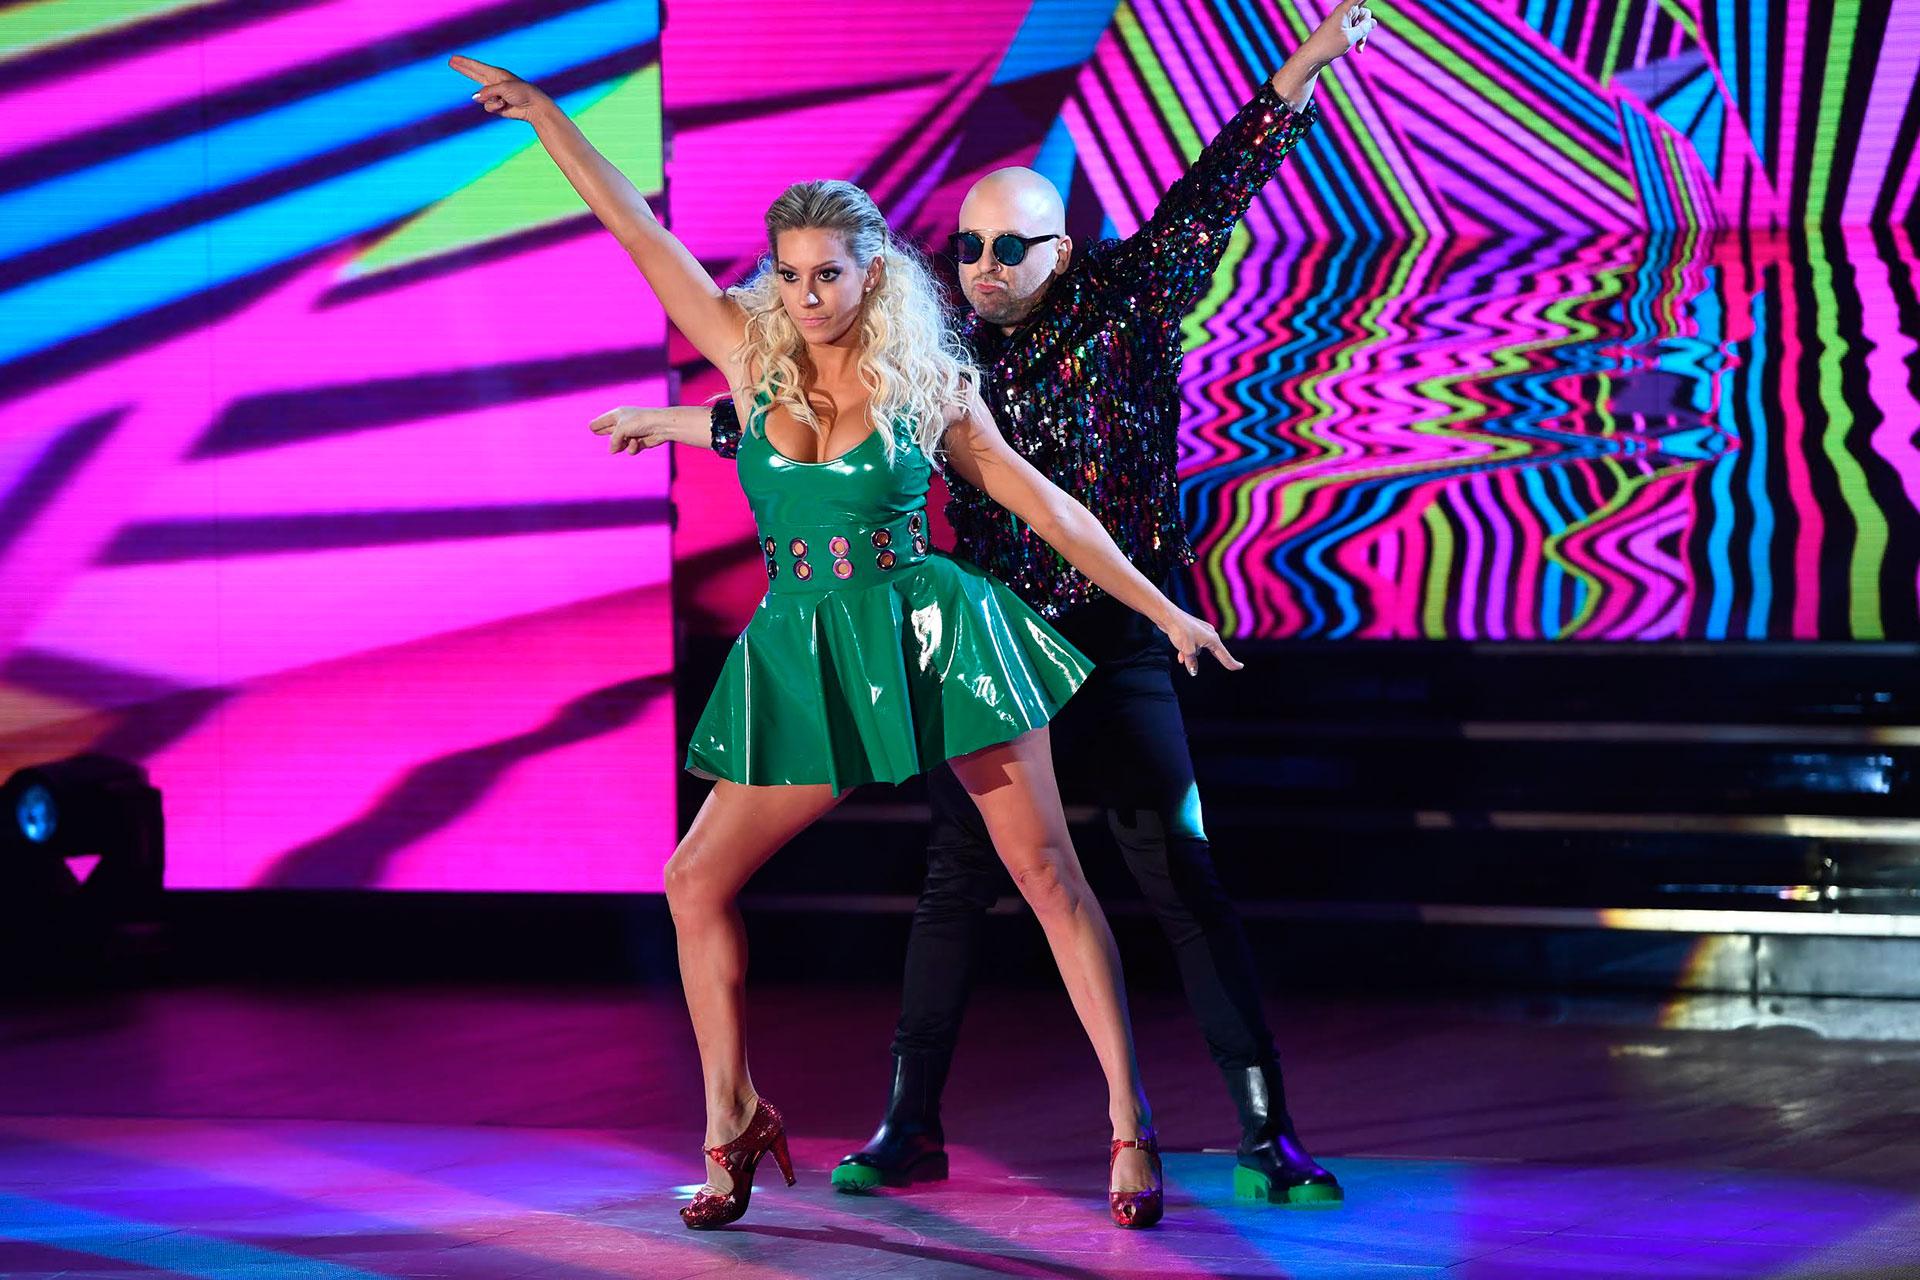 """José María Muscari y Noelia Marzol debutaron en el """"Bailando"""". La participante reconoció que habló con Fabián Cubero, tras los rumores de un supuesto affaire entre ellos"""